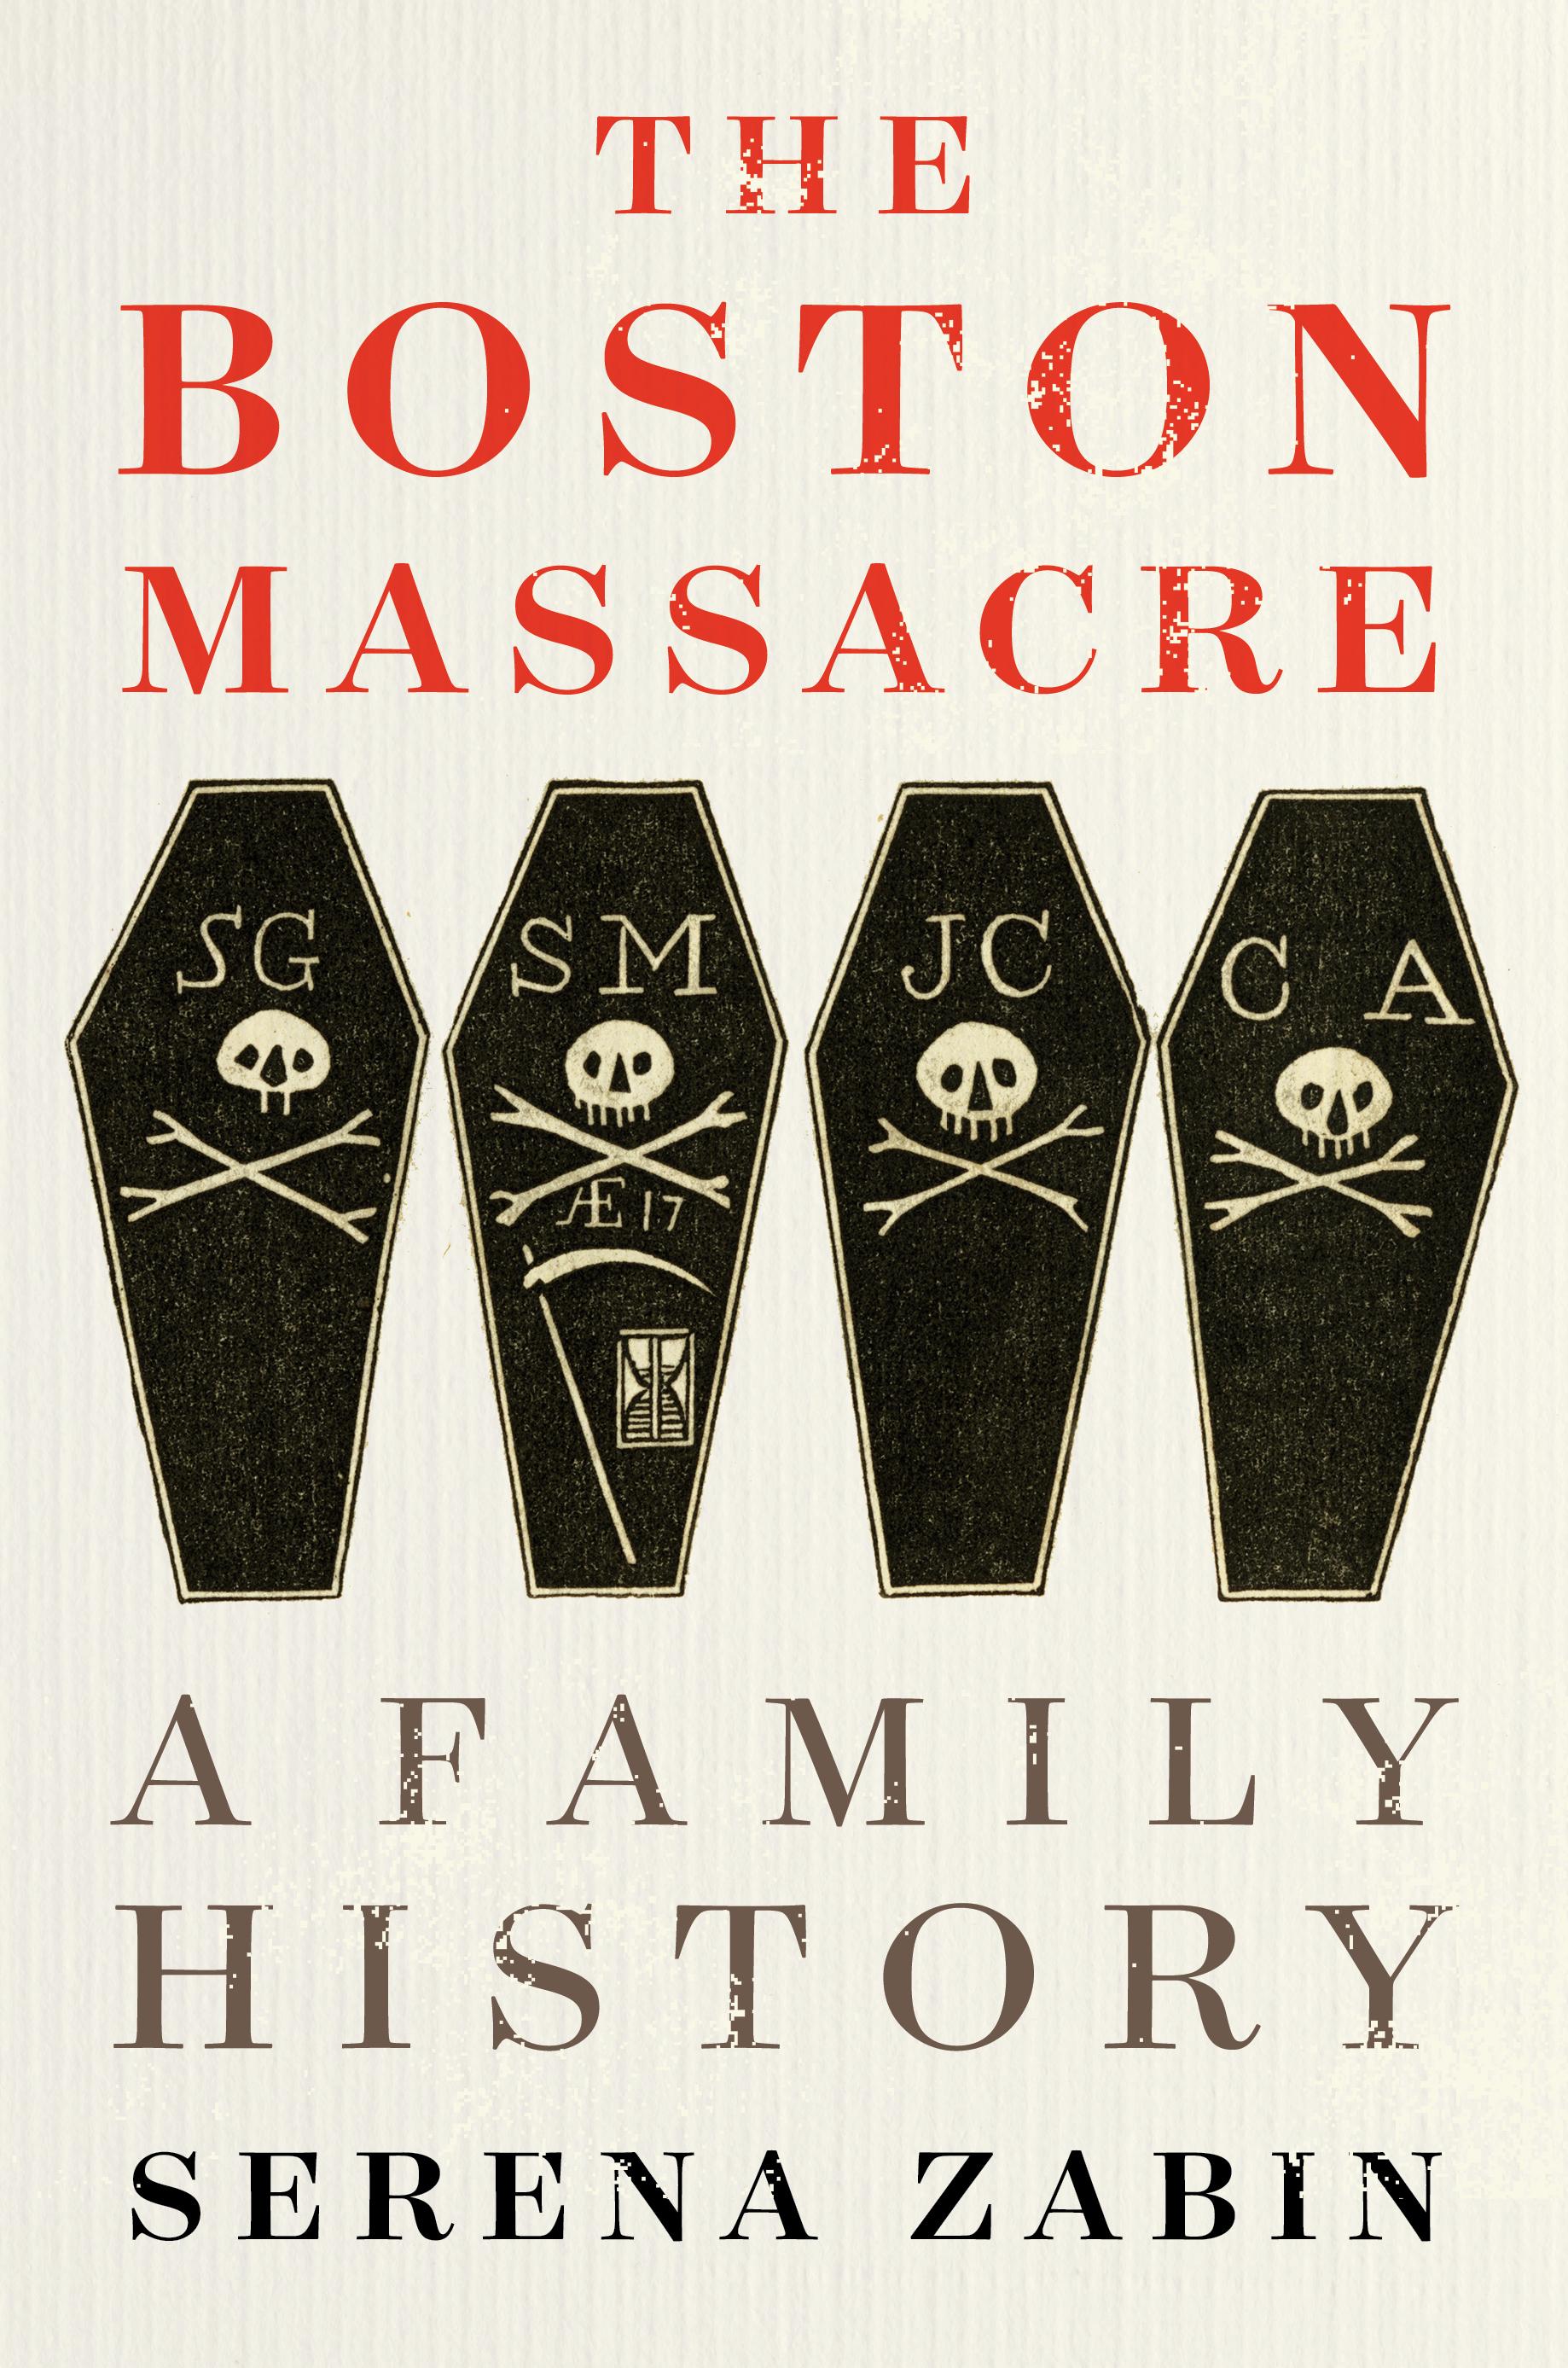 The Boston Massacre by Serena R. Zabin